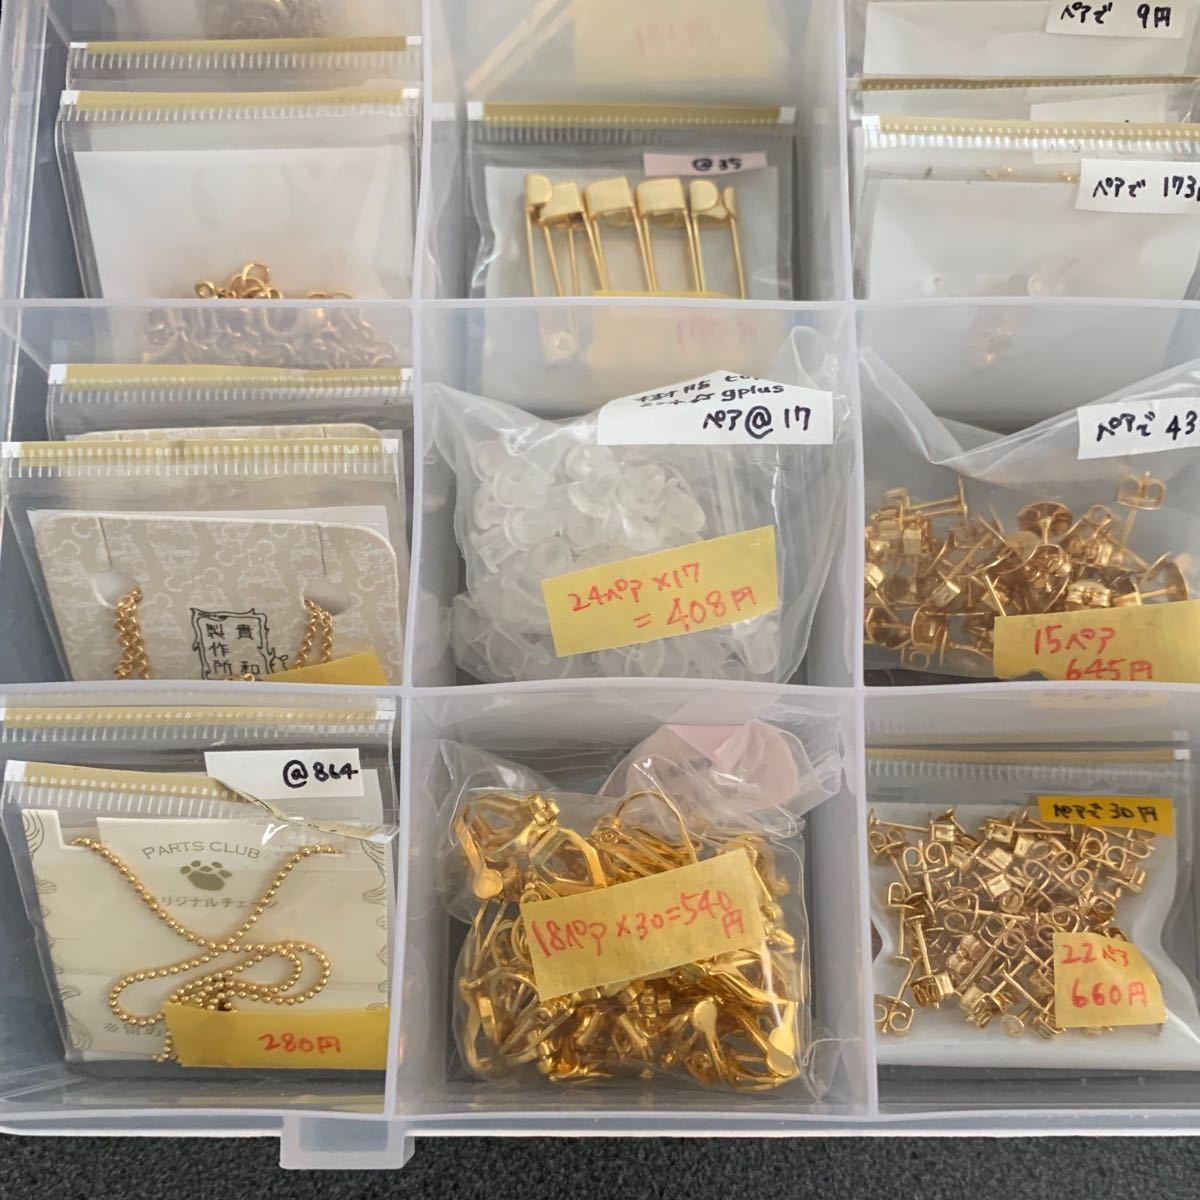 大量 ネックレス ピアス イヤリング金具 まとめ売り ハンドメイド素材